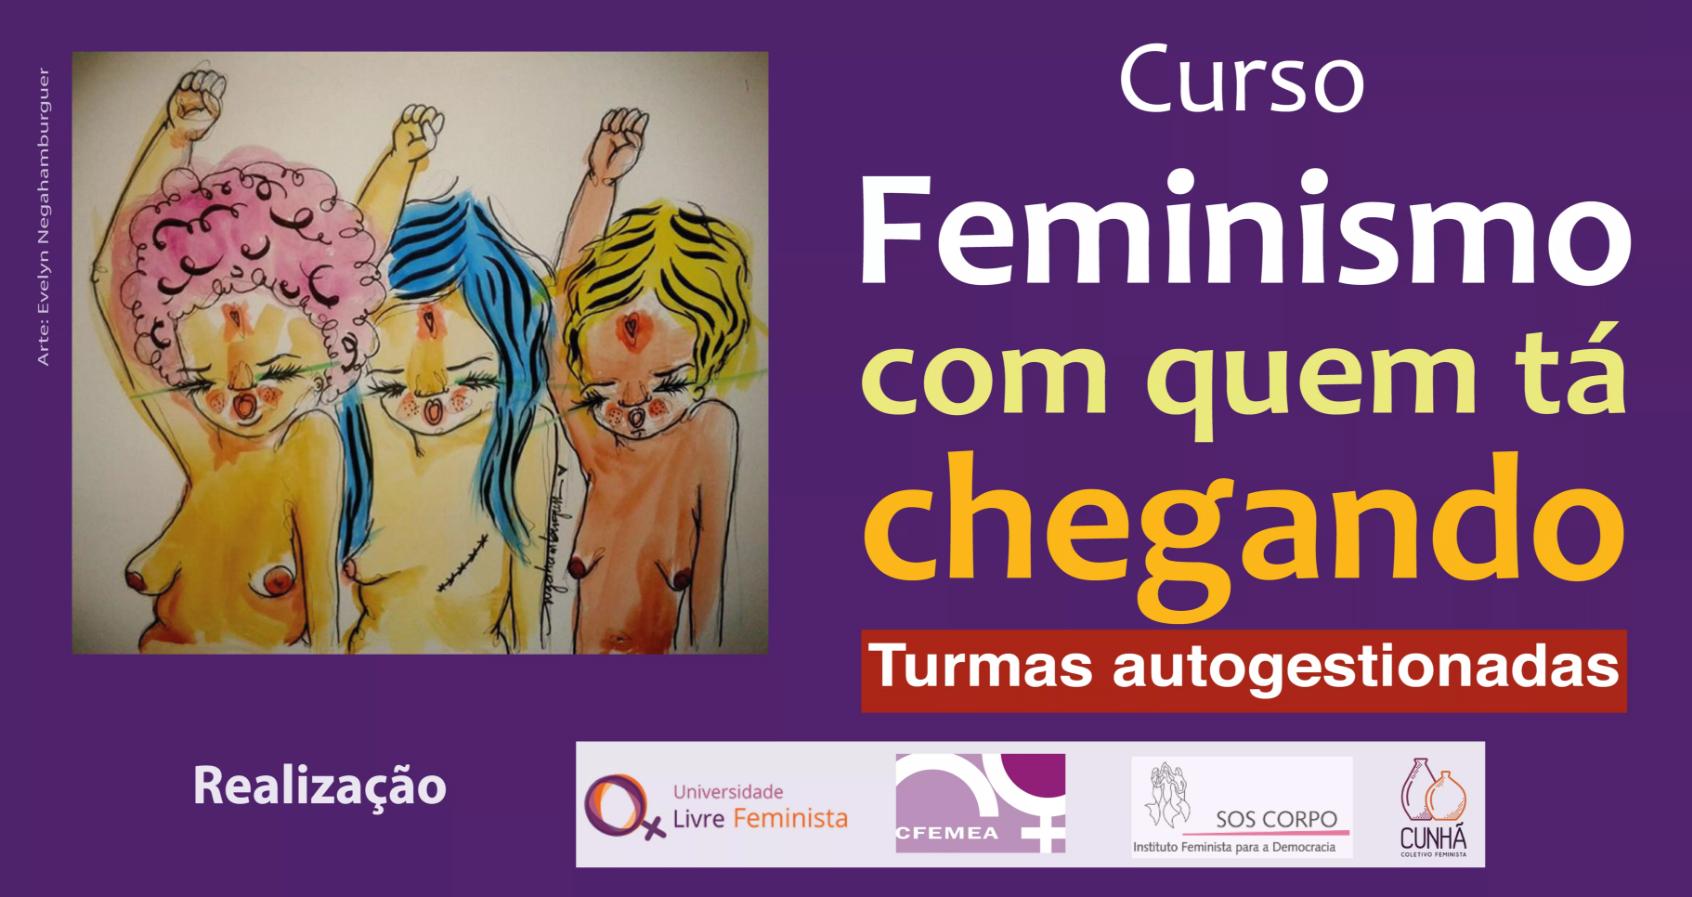 Curso Feminismo com quem tá chegando – seleção EXCLUSIVA para coletivos e movimentos